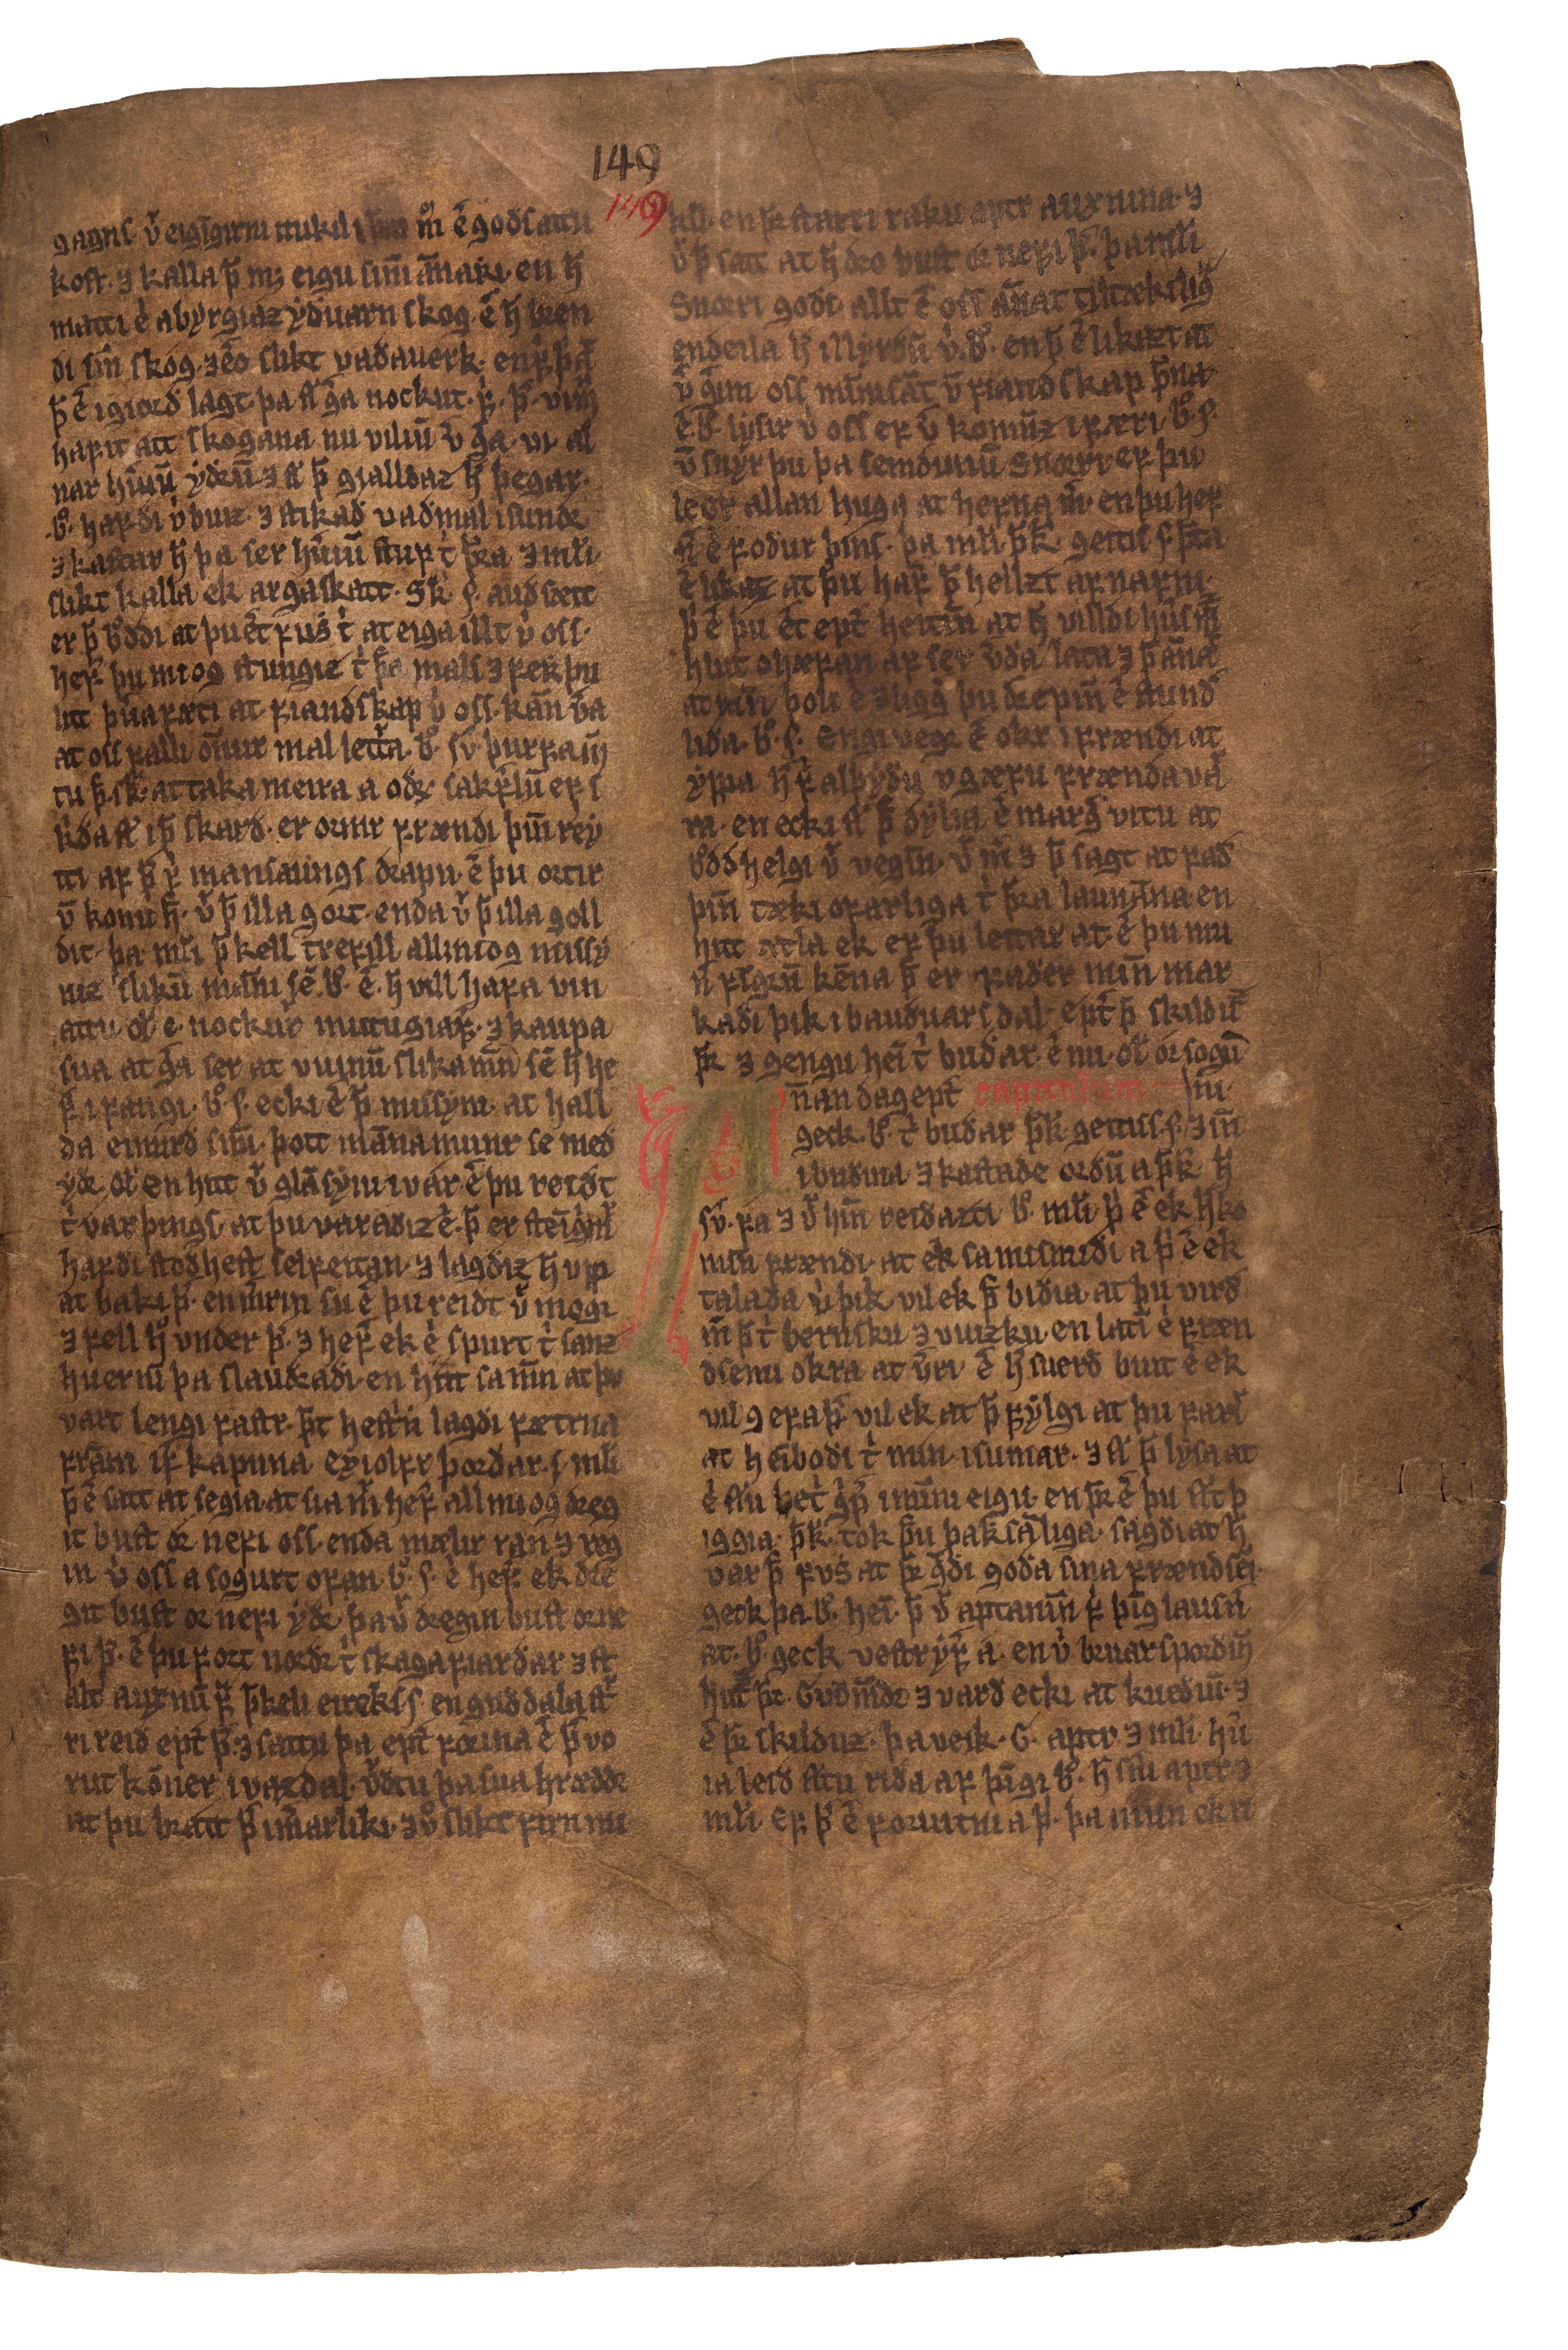 AM 132 fol - 149r